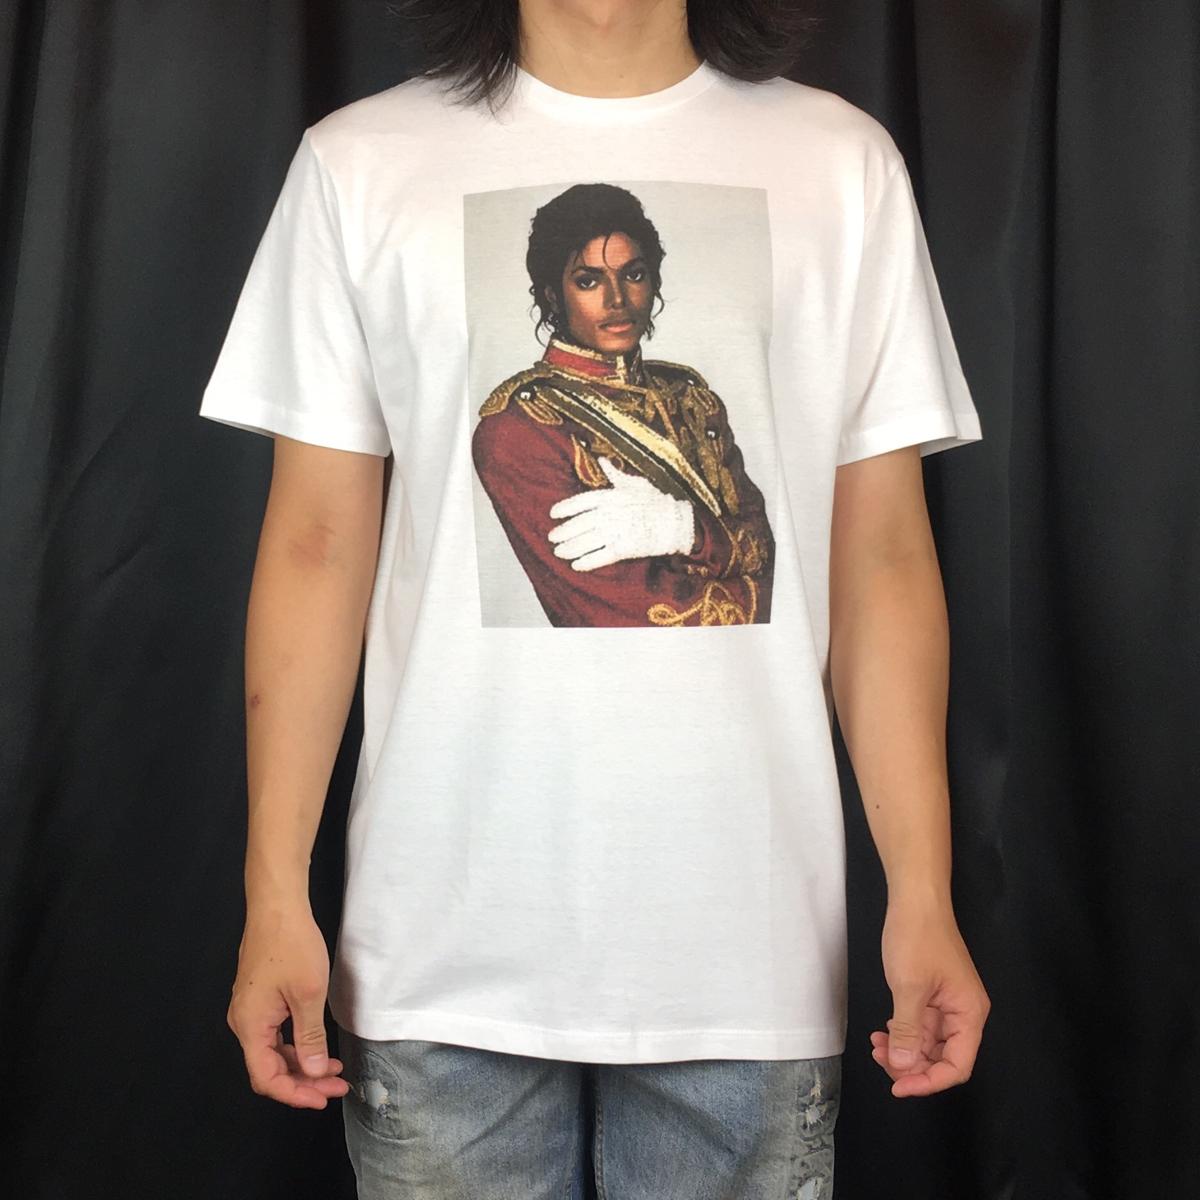 新品 マイケルジャクソン Tシャツ S M L XL スリラー ムーンウォーク マドンナ 大きい ビッグ オーバー サイズ XXL 3XL 4XL 5XL ロンT 長袖 ライブグッズの画像